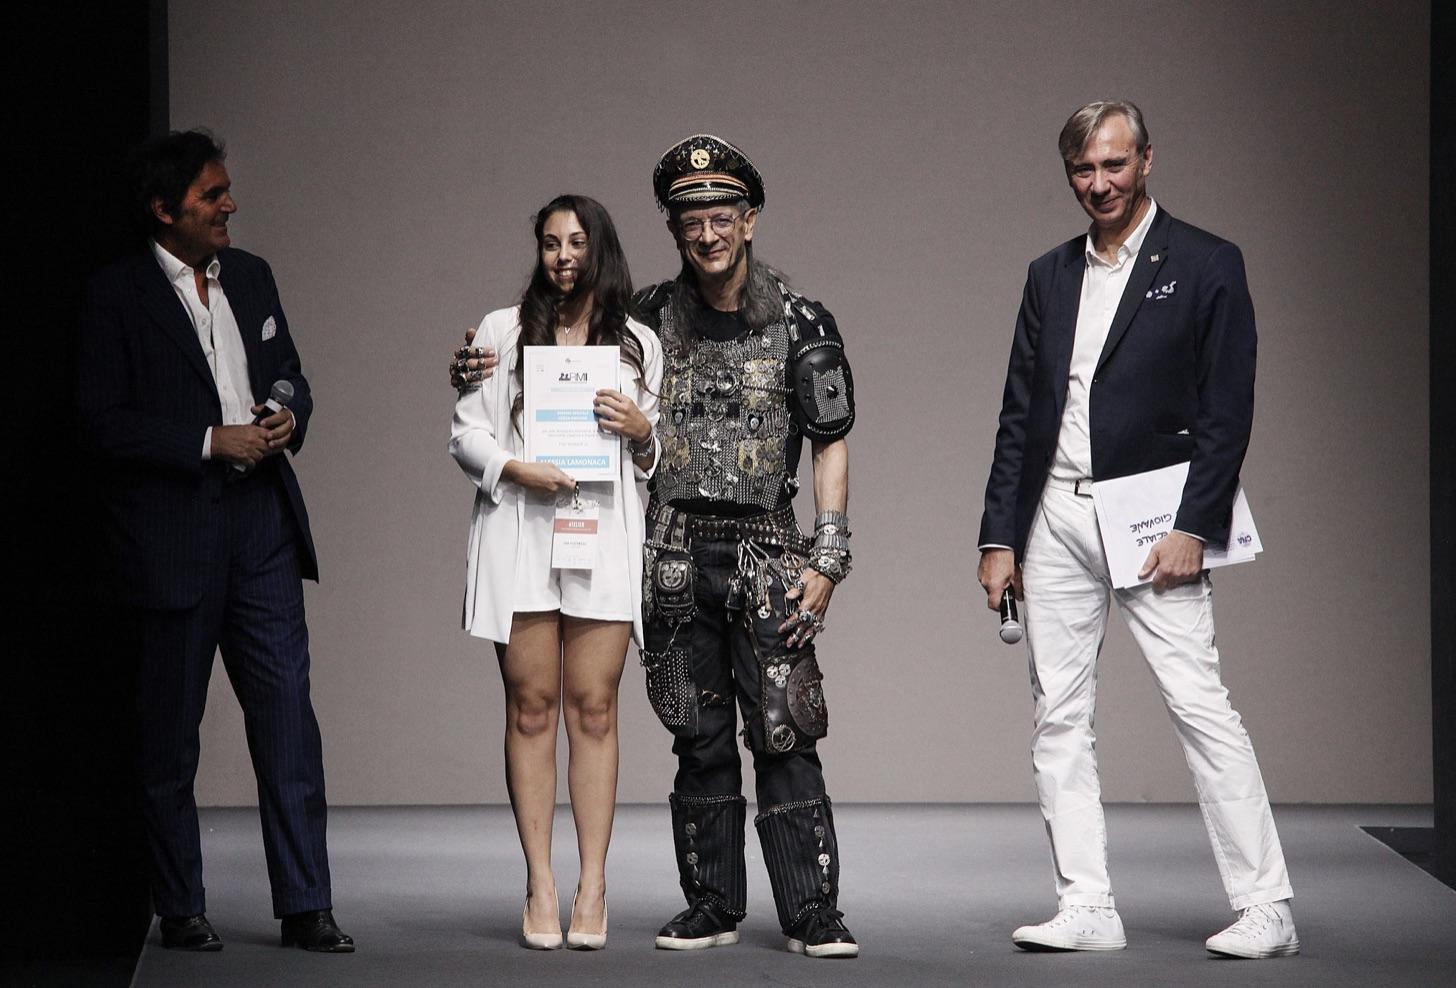 vincitore forza giovane Alessia Lamonaca